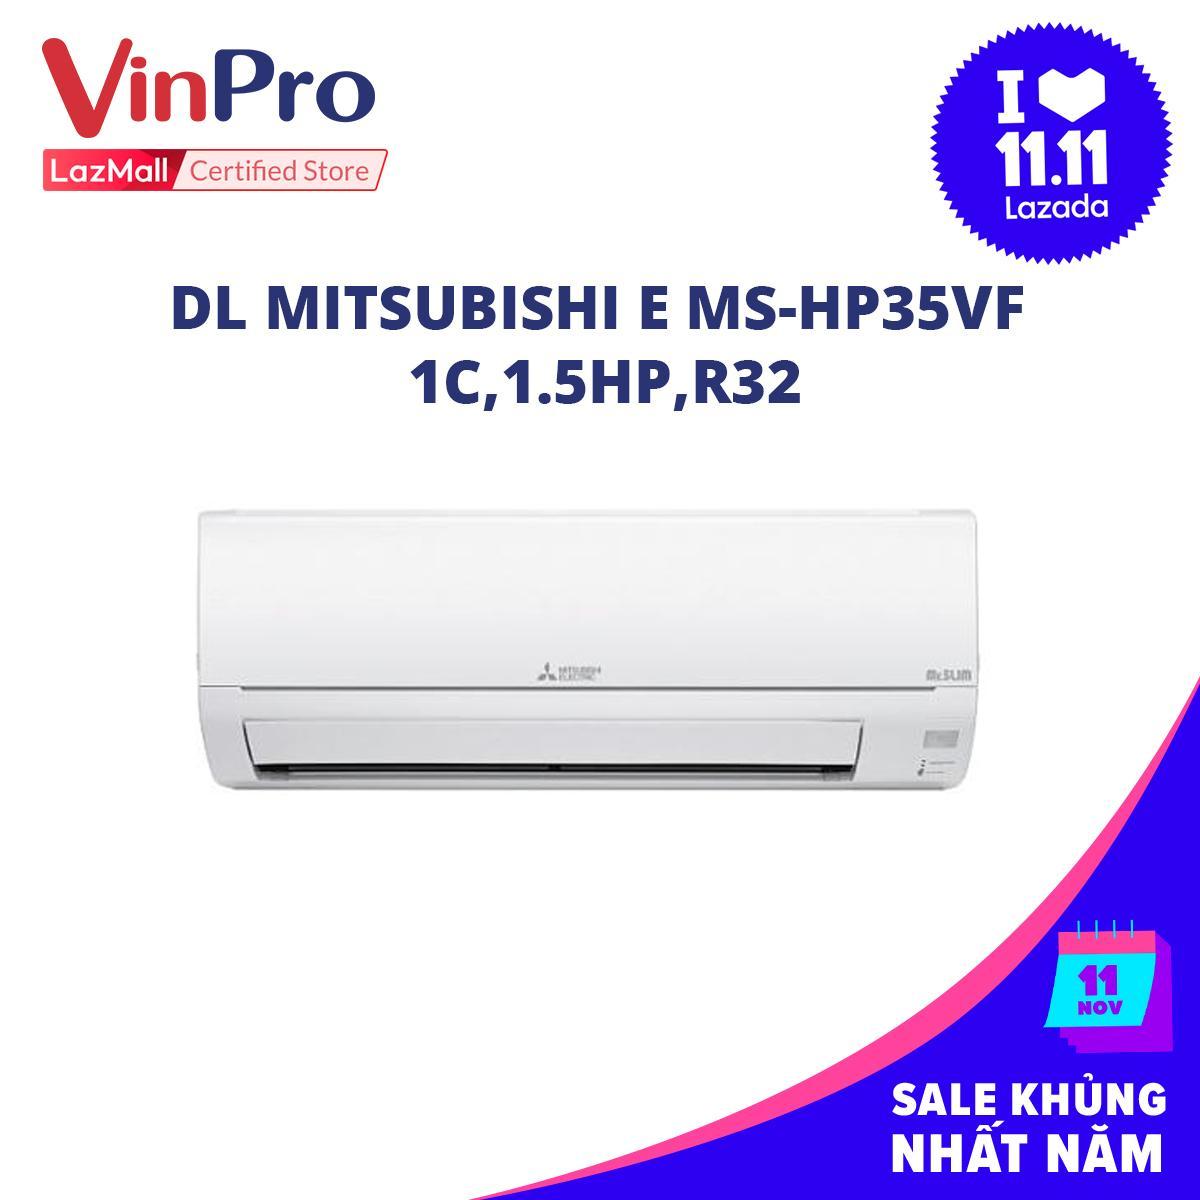 Bảng giá Máy lạnh Mitsubishi E MS-HP35VF 1C,1.5HP,R32